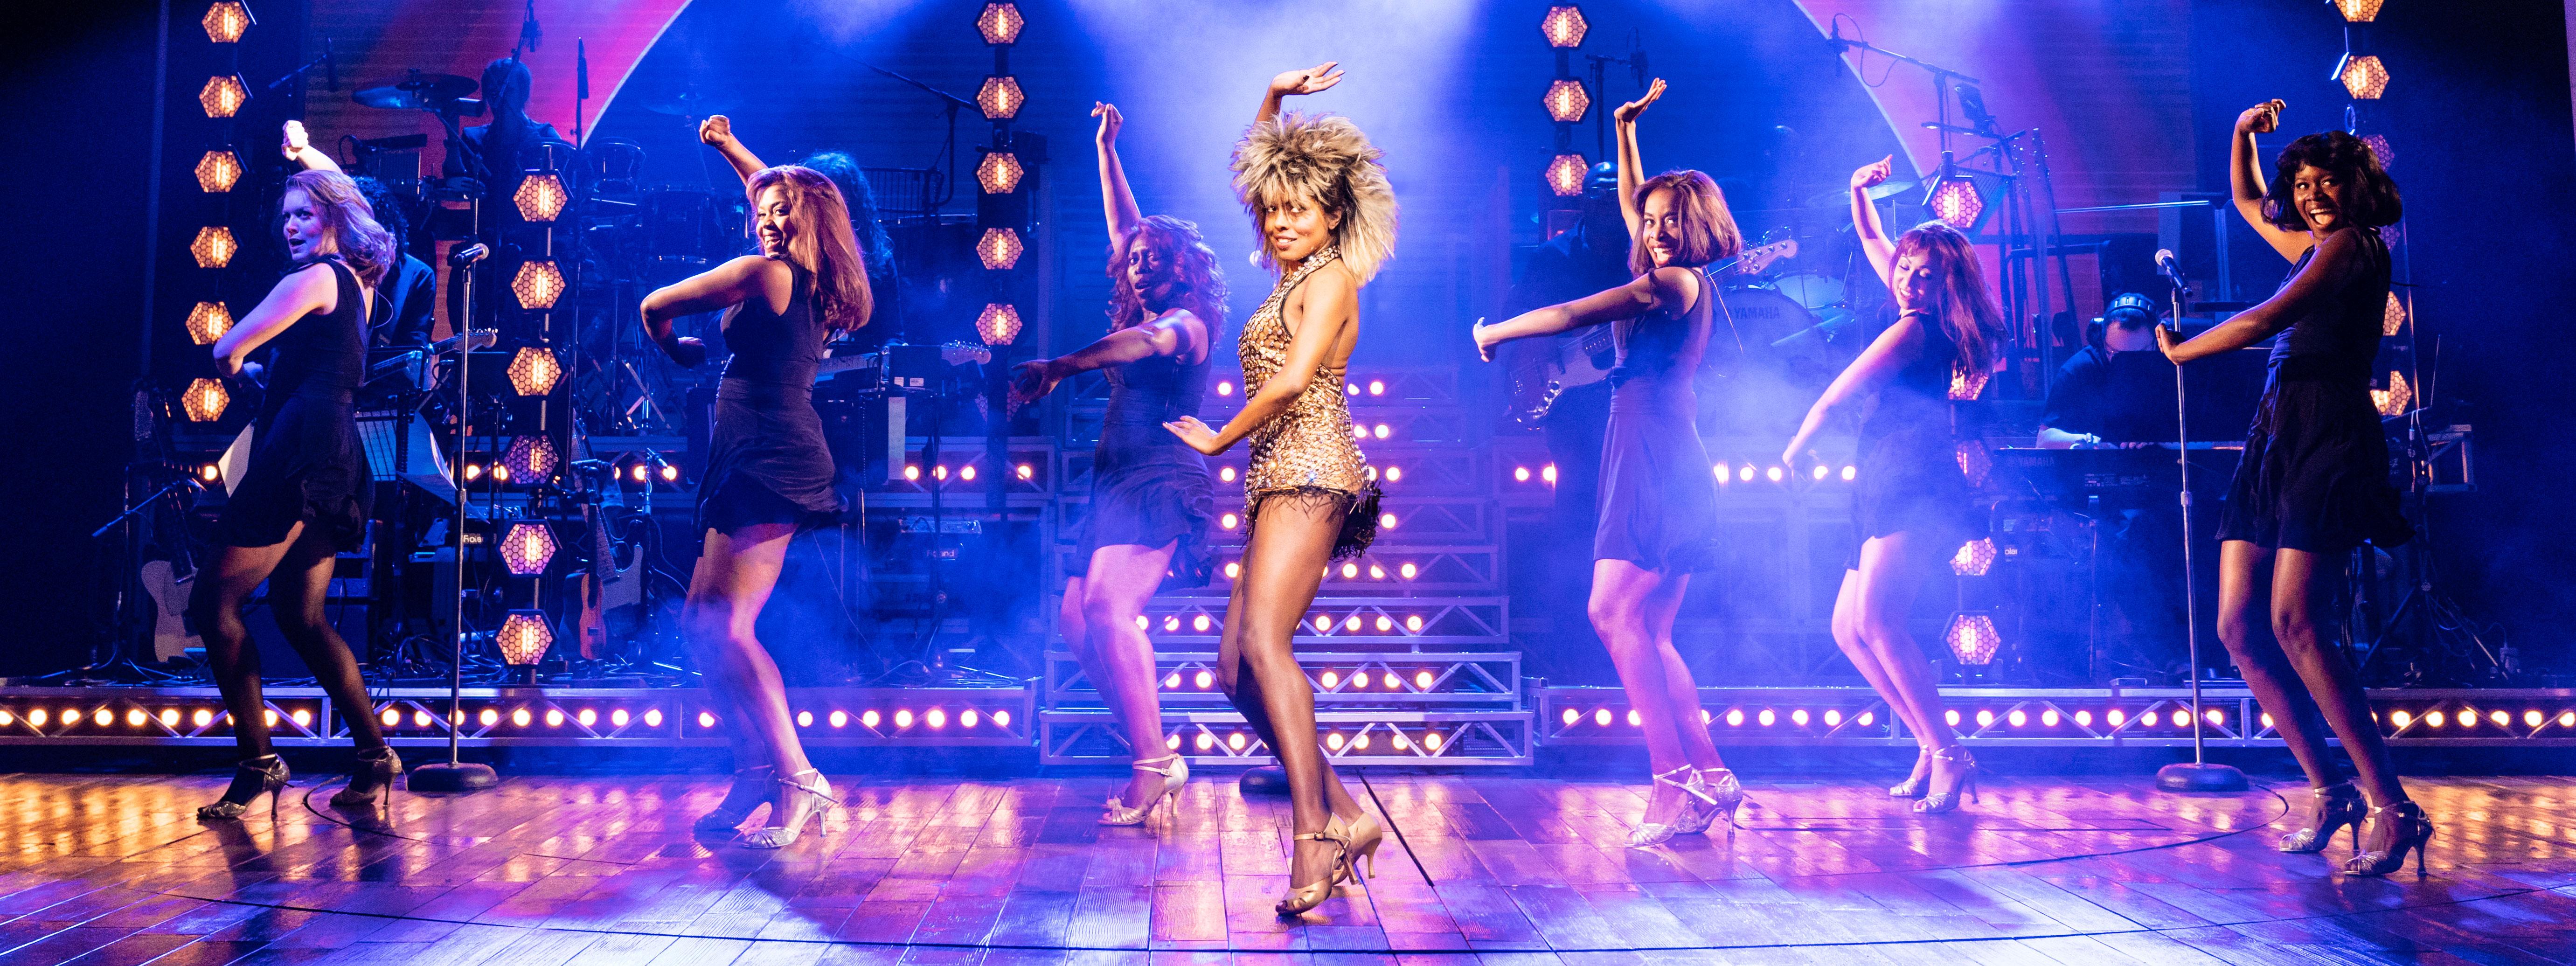 Tina Turner Broadway show